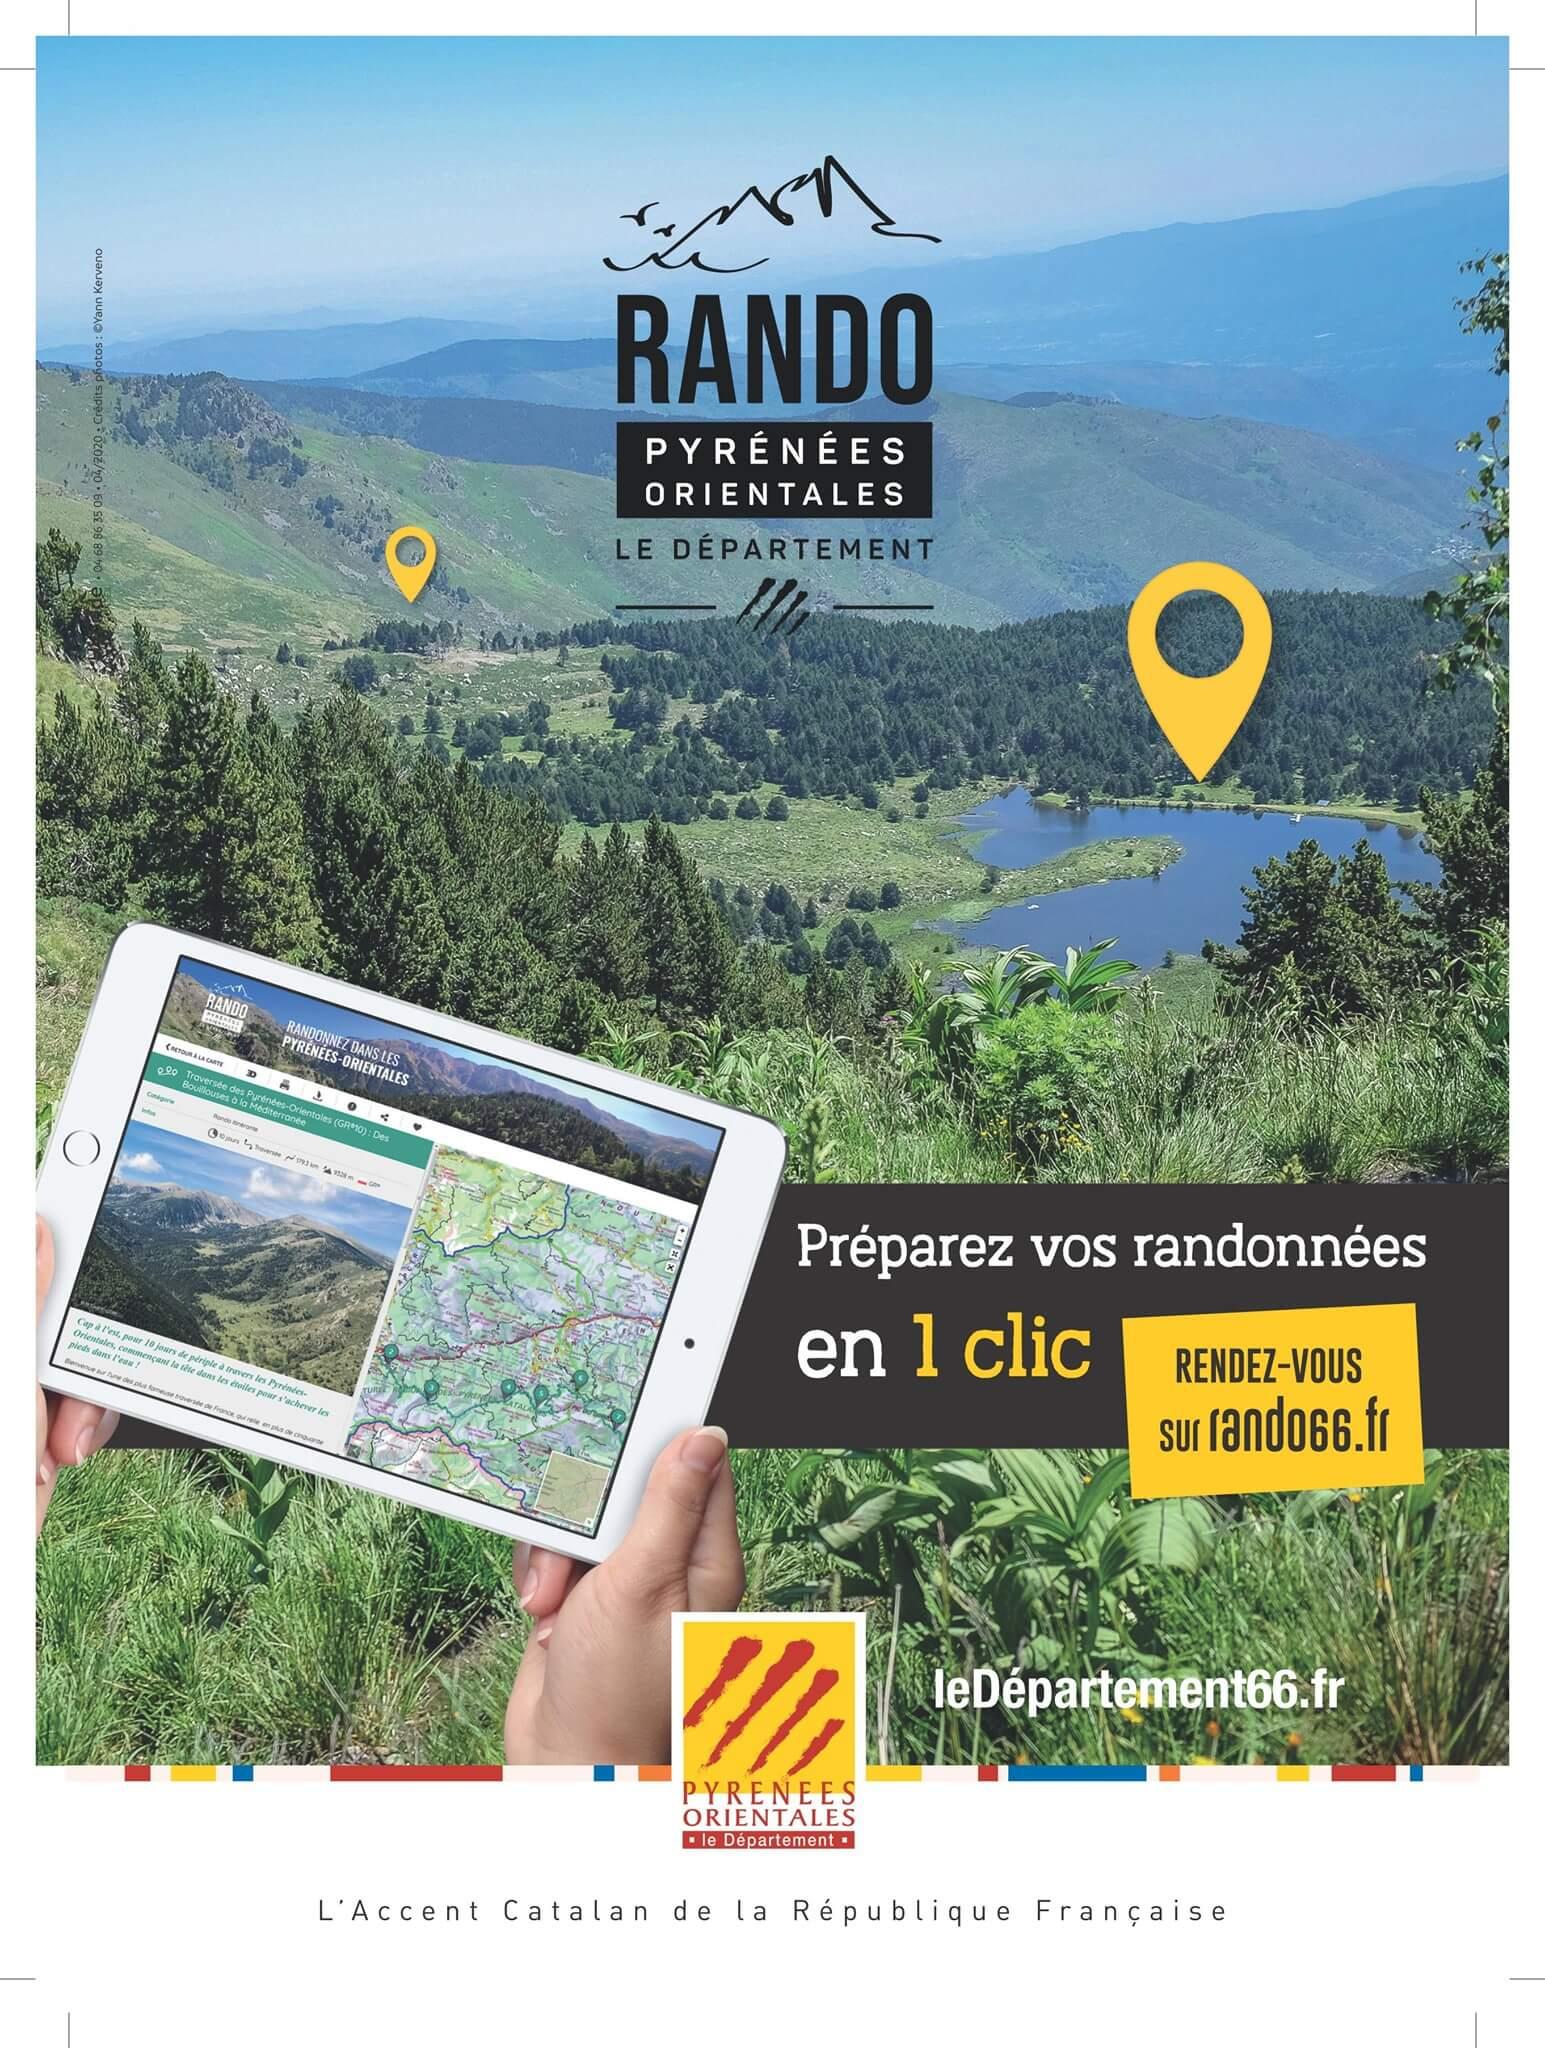 Les Pyrenees Orientales destination randonnees